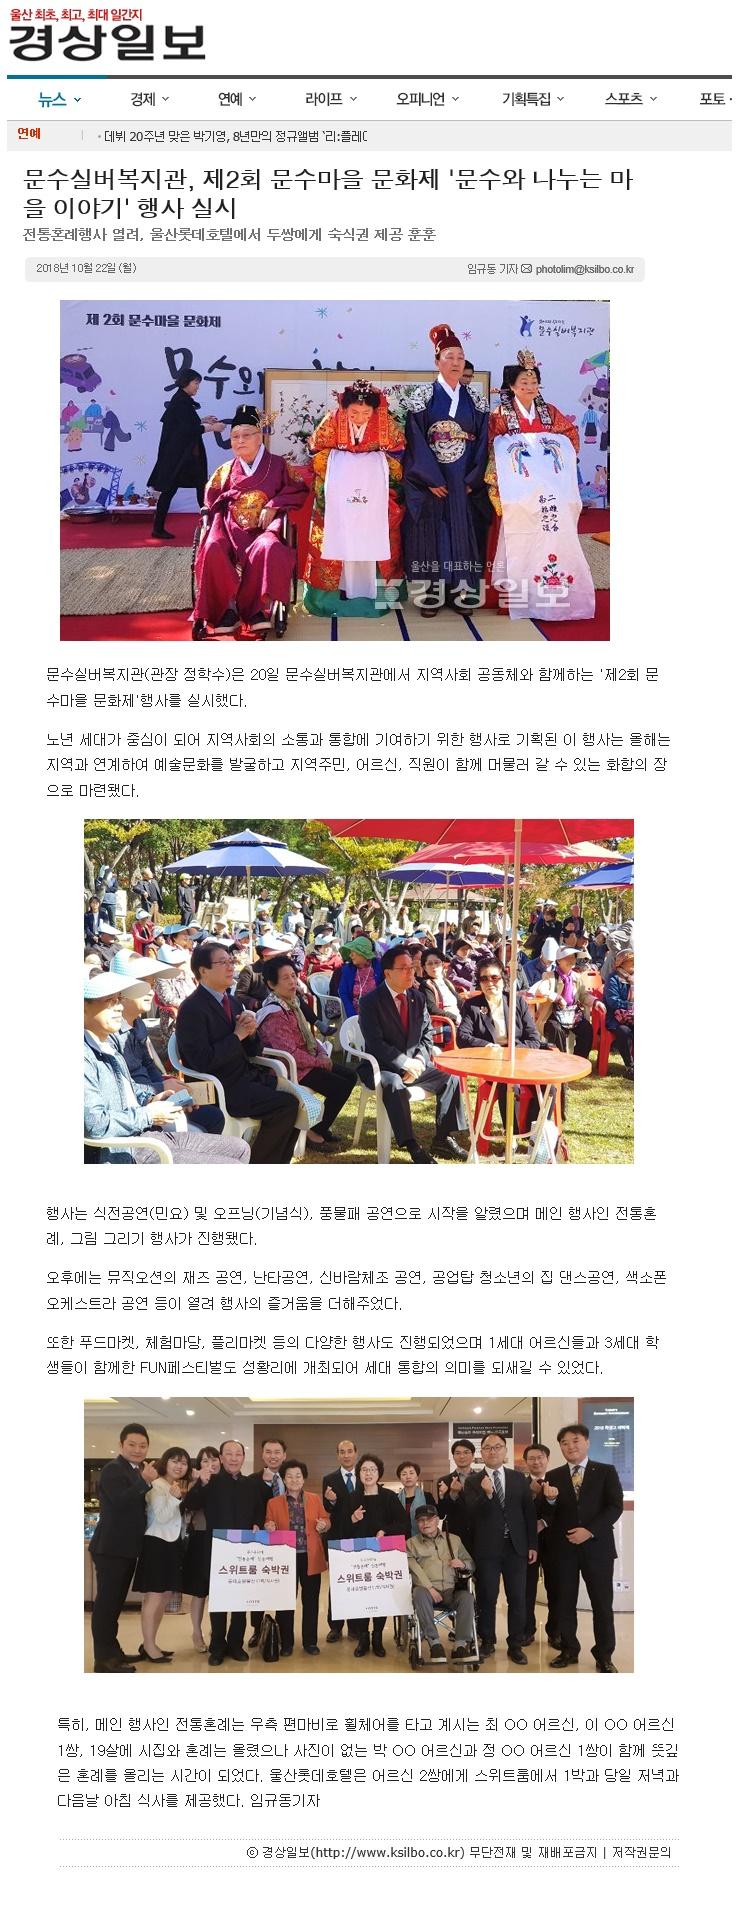 (경상일보)제2회 문수마을문화제 문수와 나누는 마을이야기 행사 실시.jpg